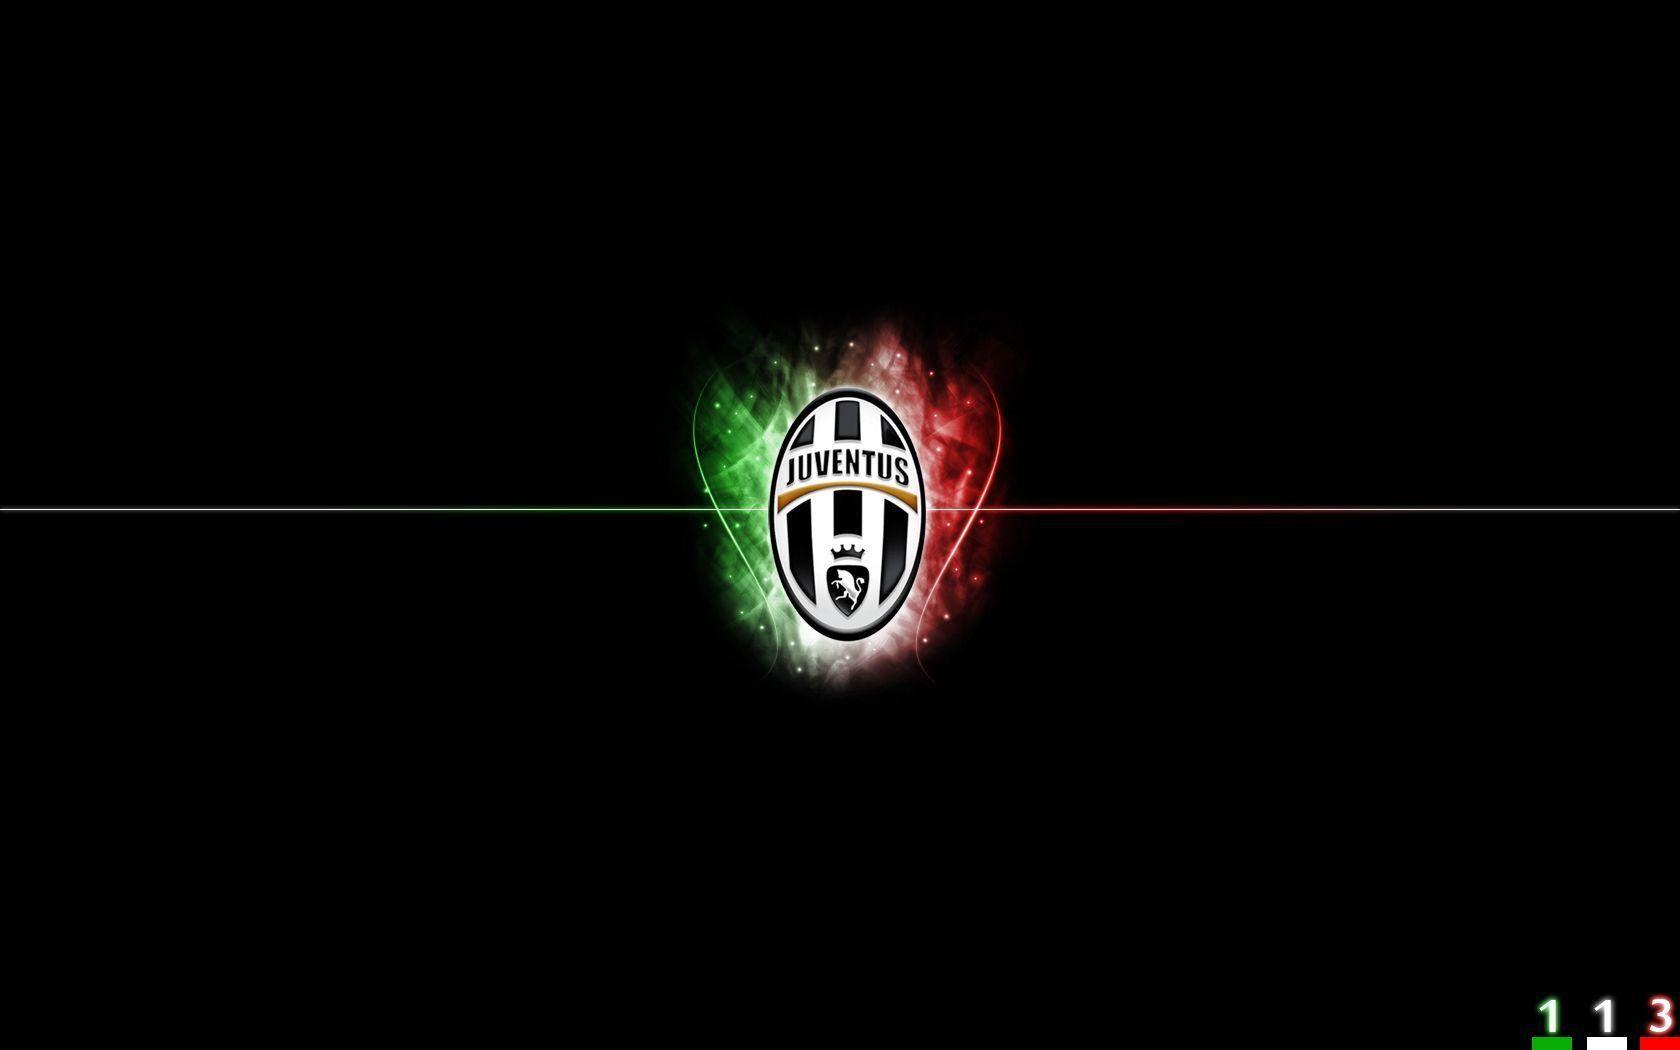 Logo Juventus Wallpapers 2017 Wallpaper Cave Juventus